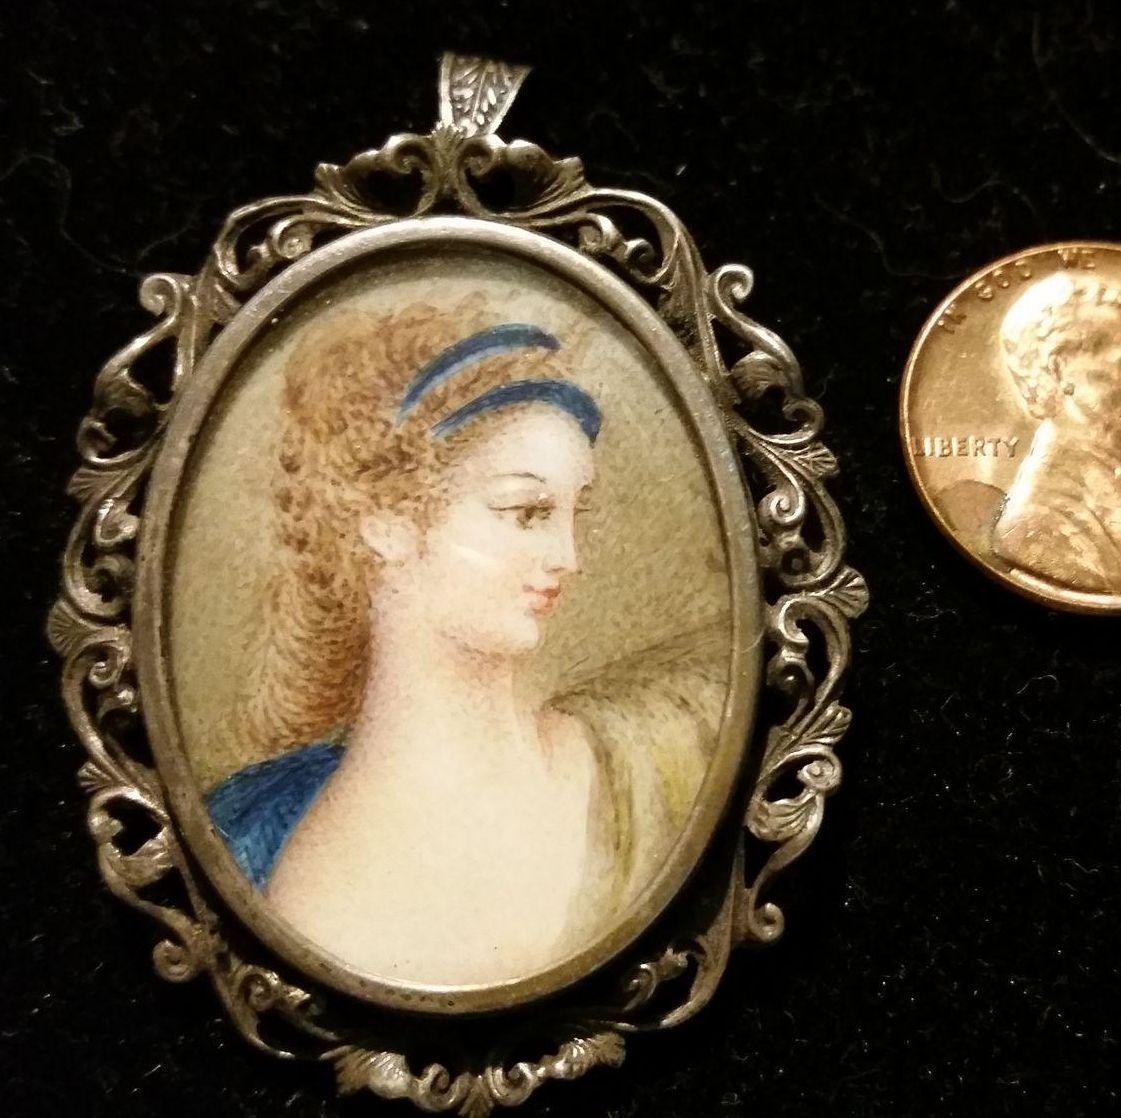 Romantic Ornately Framed Painted Portrait Pendant